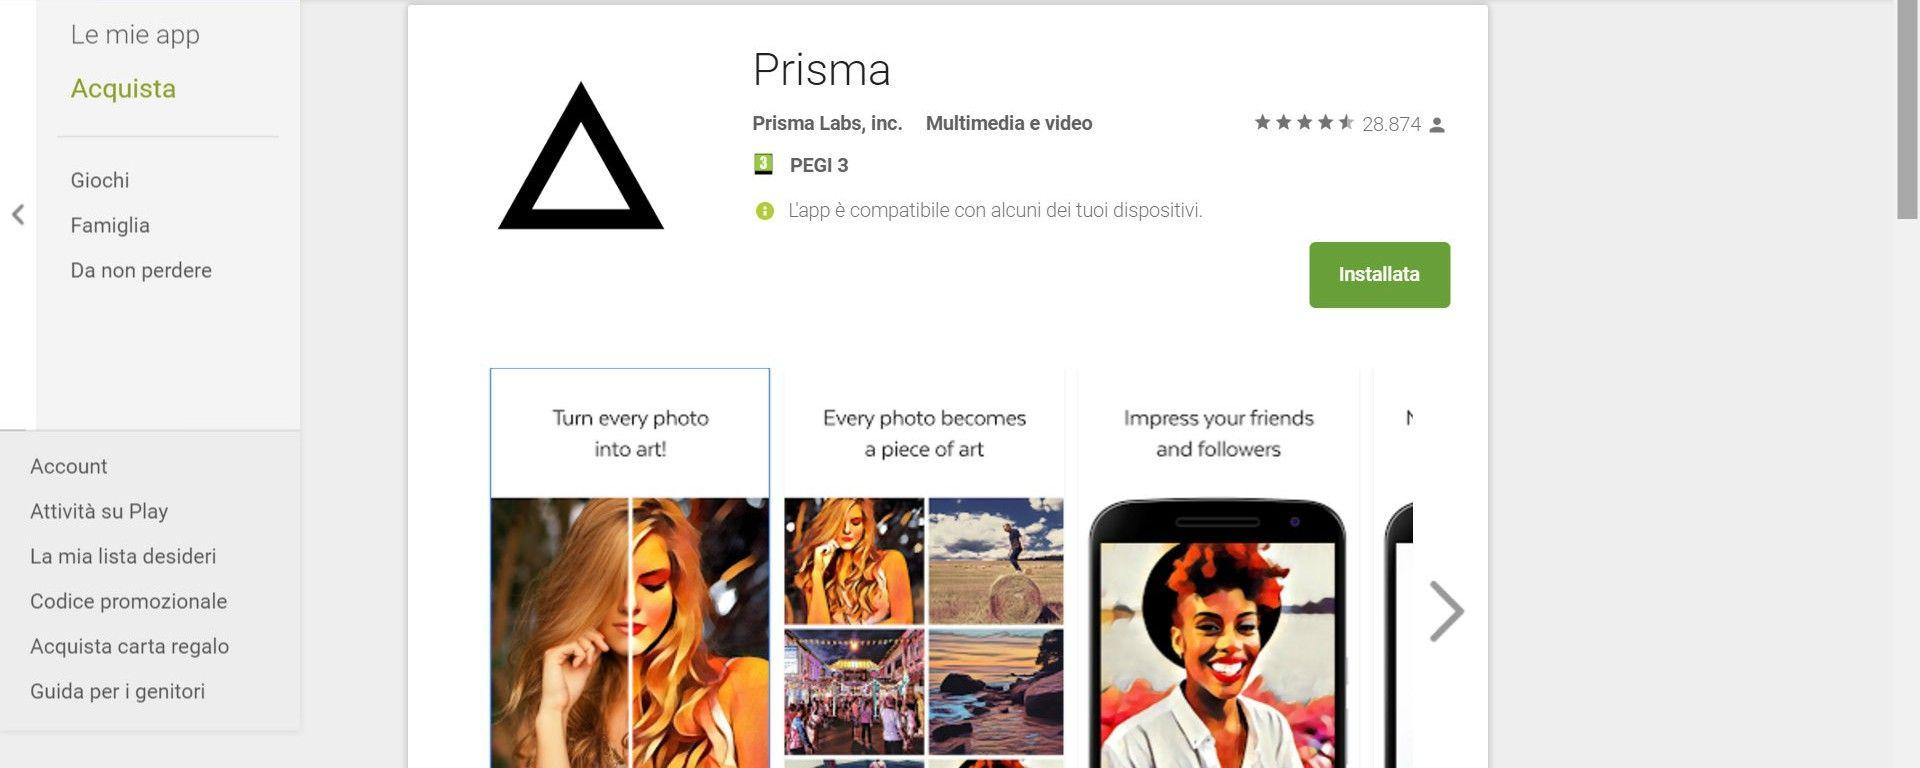 Prisma per Android è su Google Play